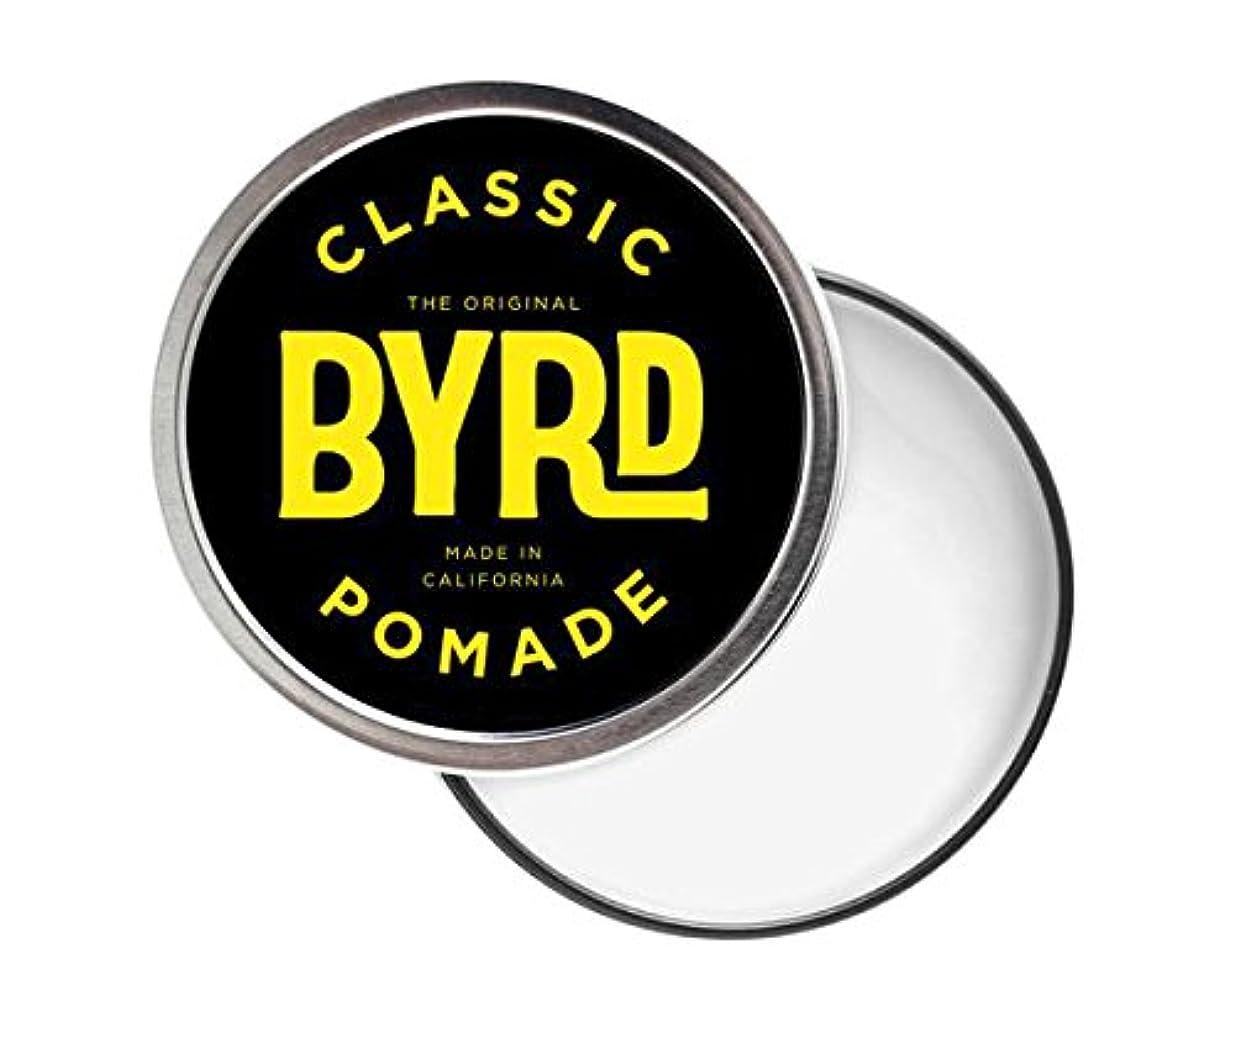 つづり盲信六BYRD(バード) クラシックポマード 42g